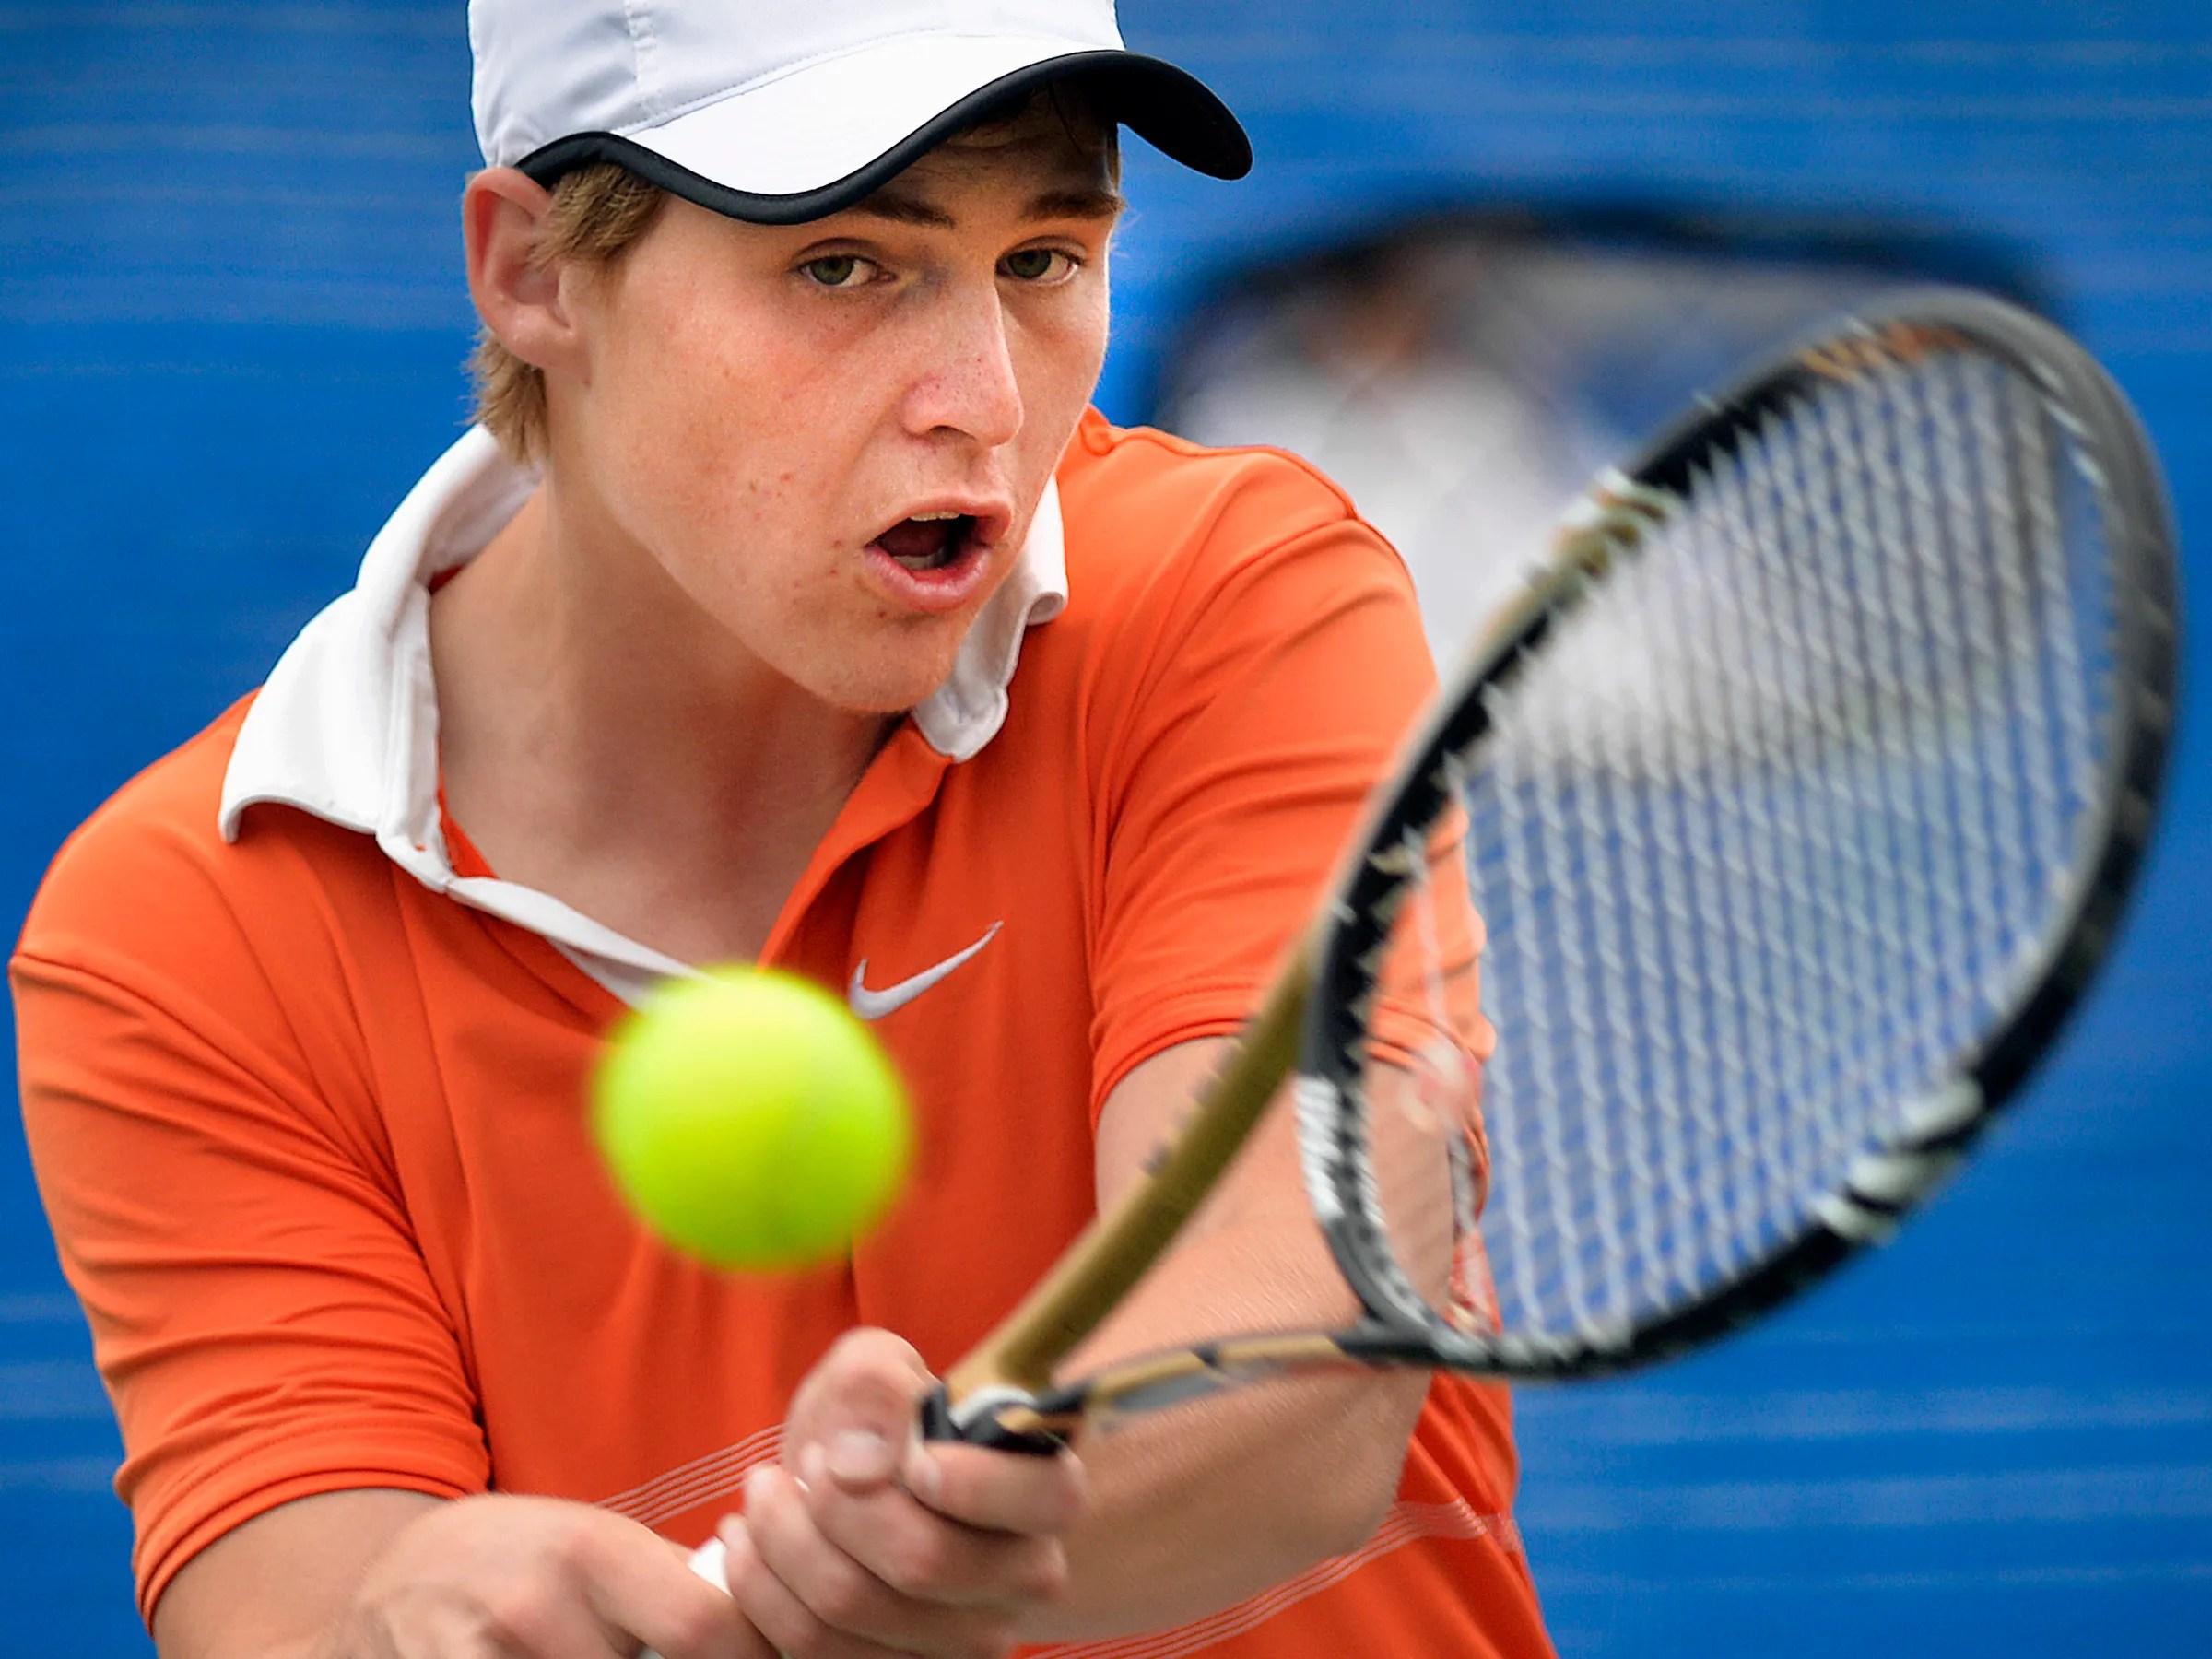 Boys Tennis Tech Takes A Thriller